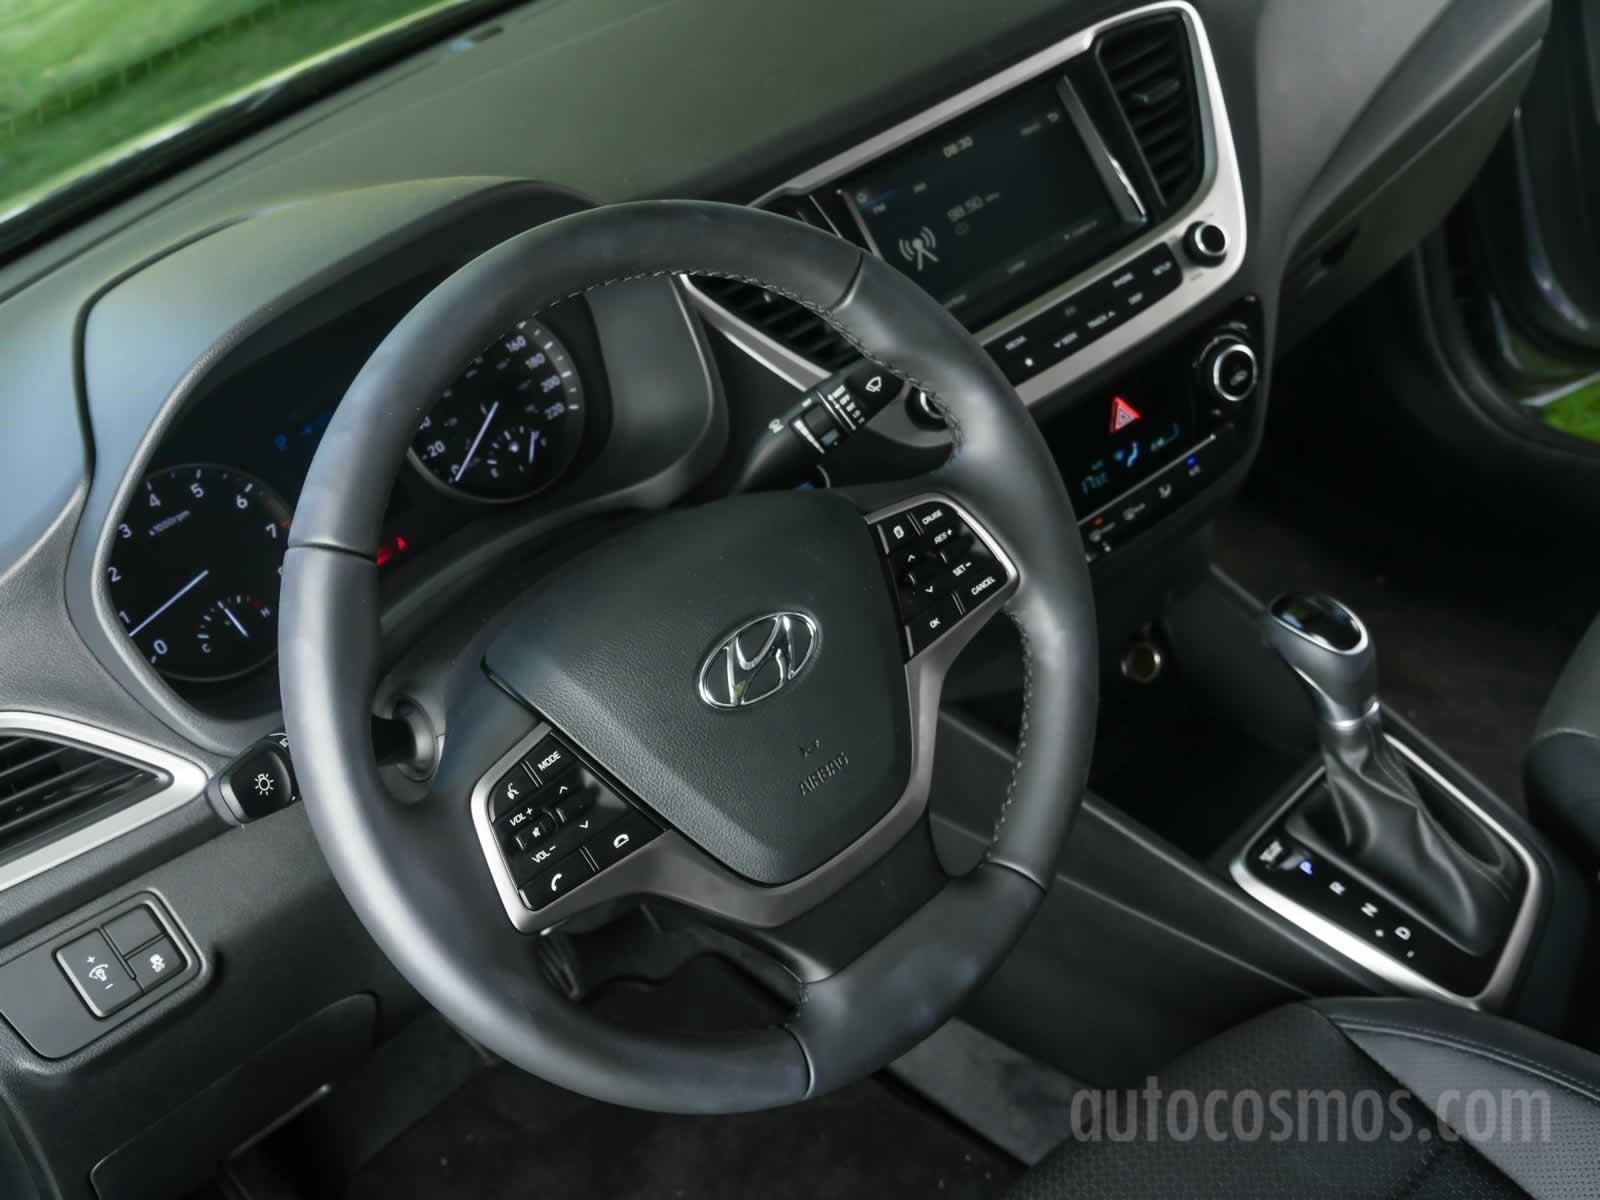 Hyundai Accent 2019 Un Auto Fabricado En Mexico Autos